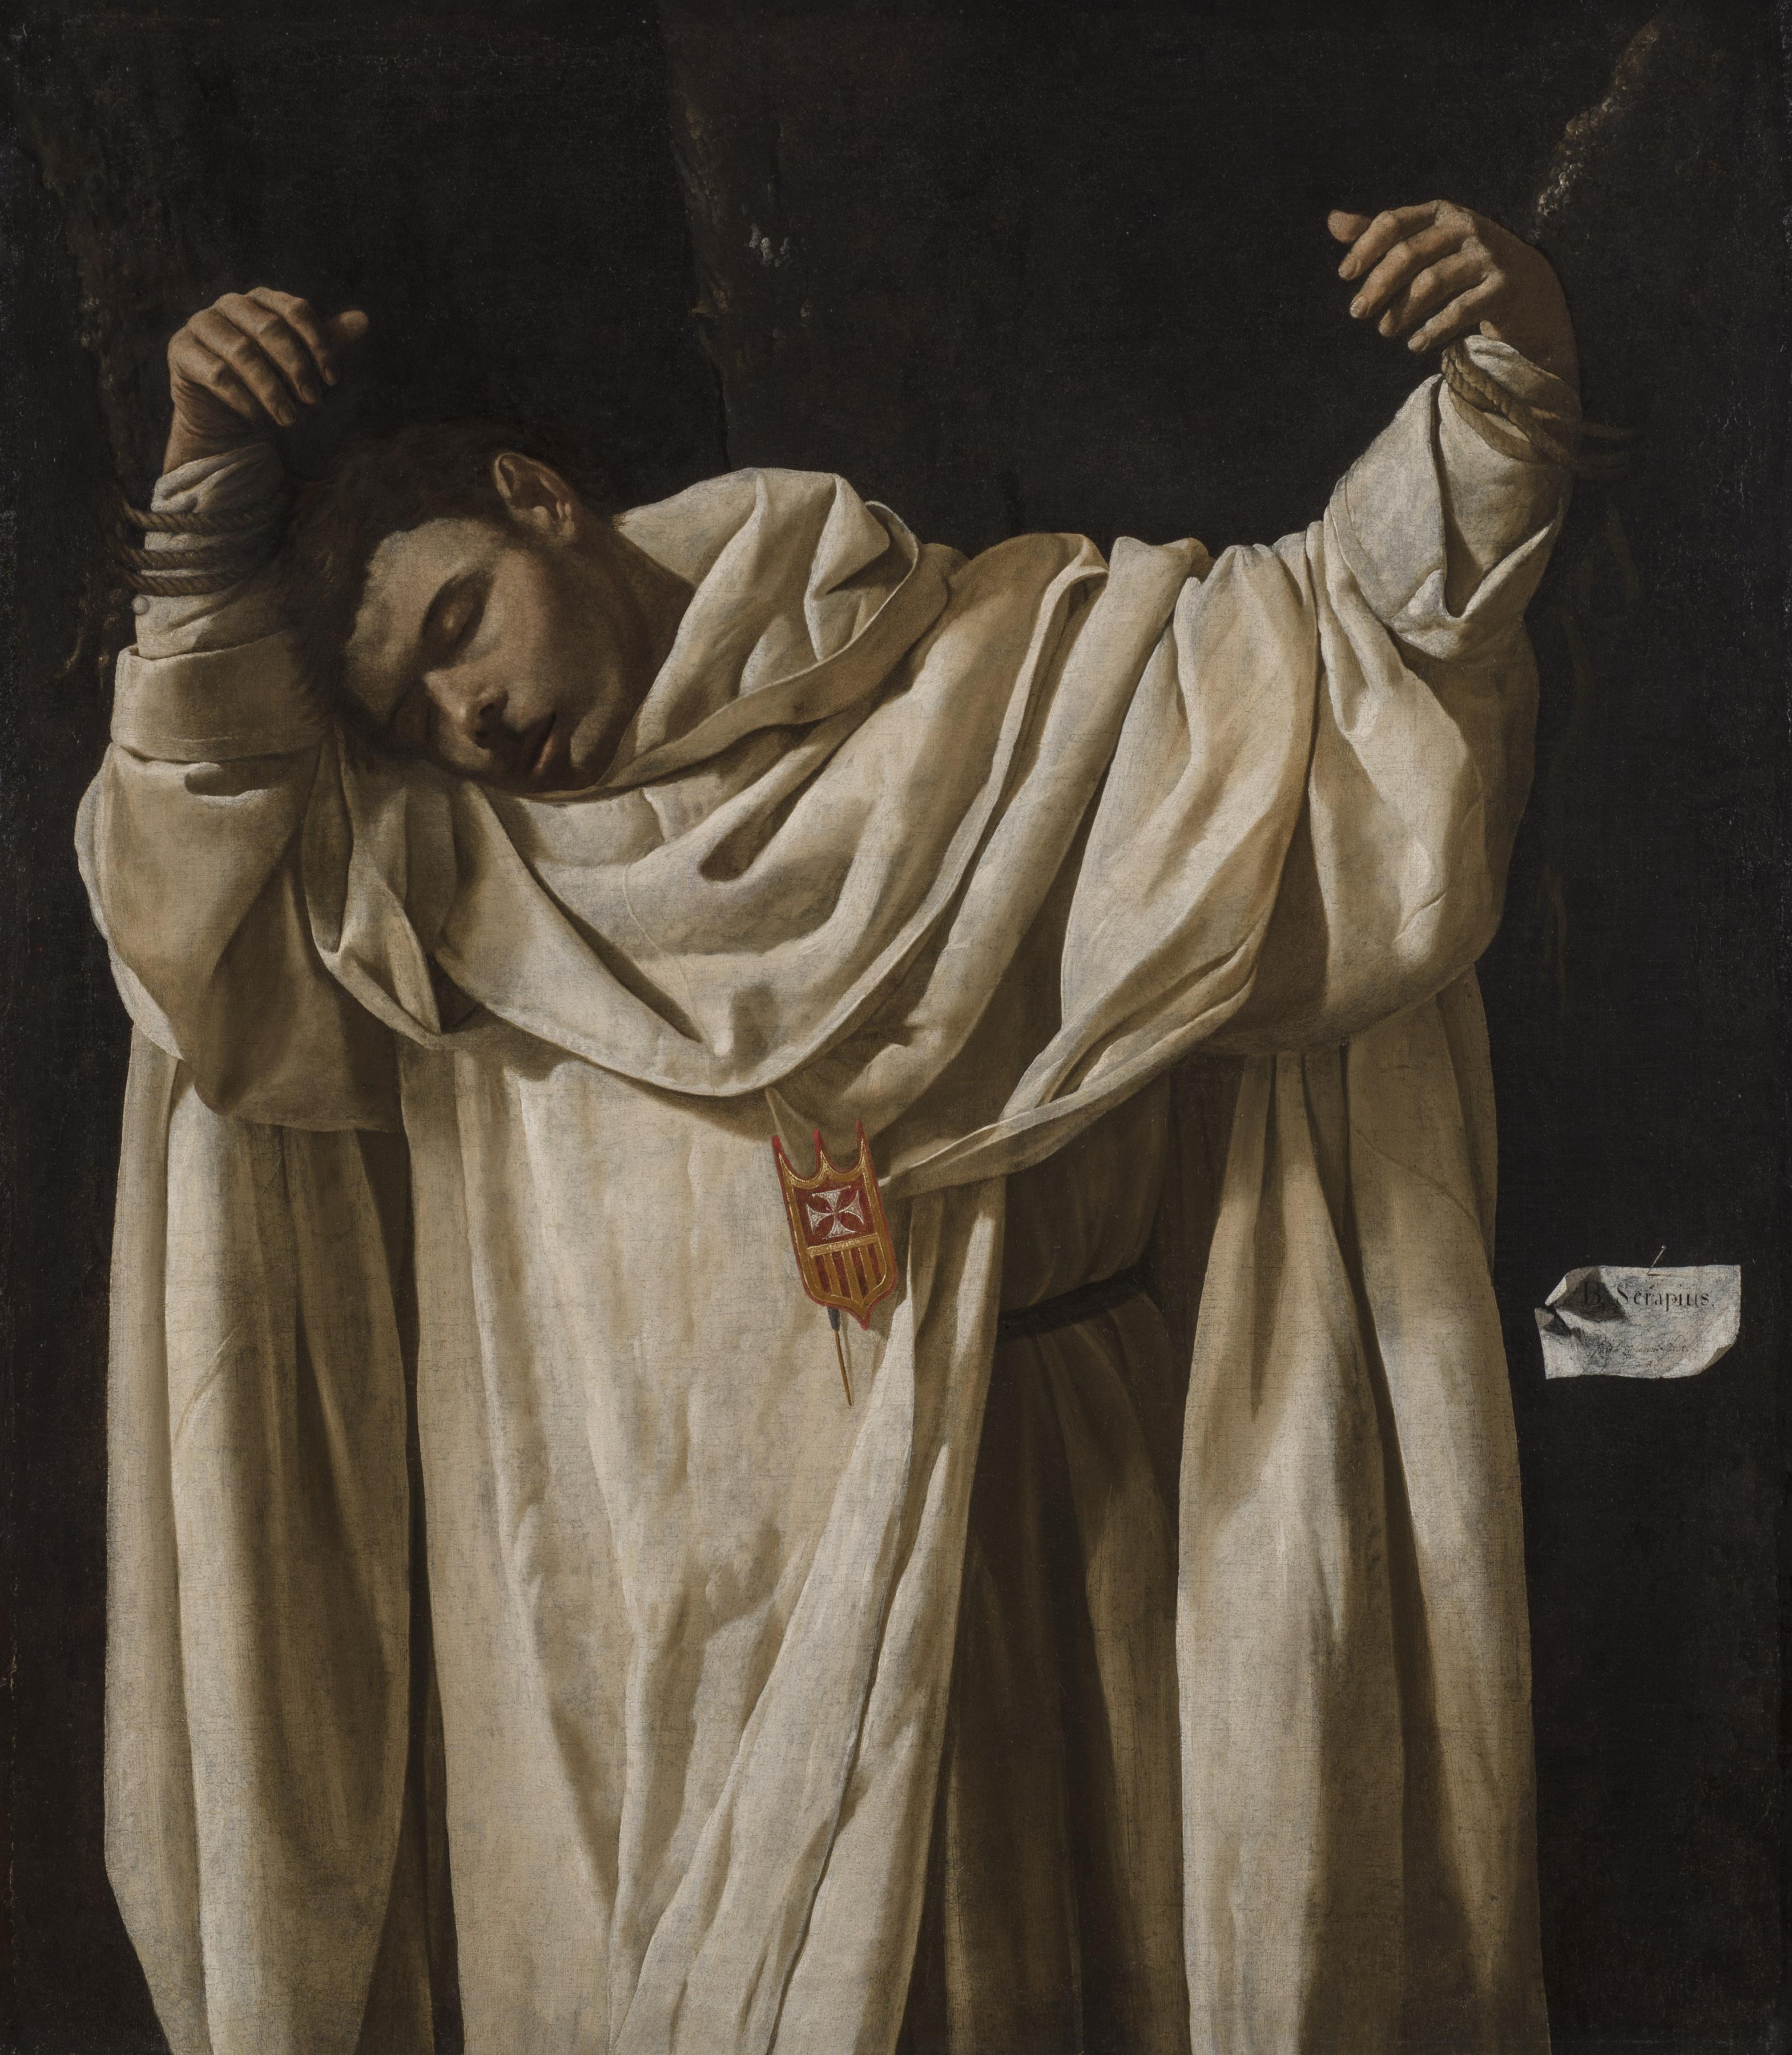 Francisco de Zurbarán, B. Serapius, 1628, Wadsworth Atheneum, Hartford, Connecticut